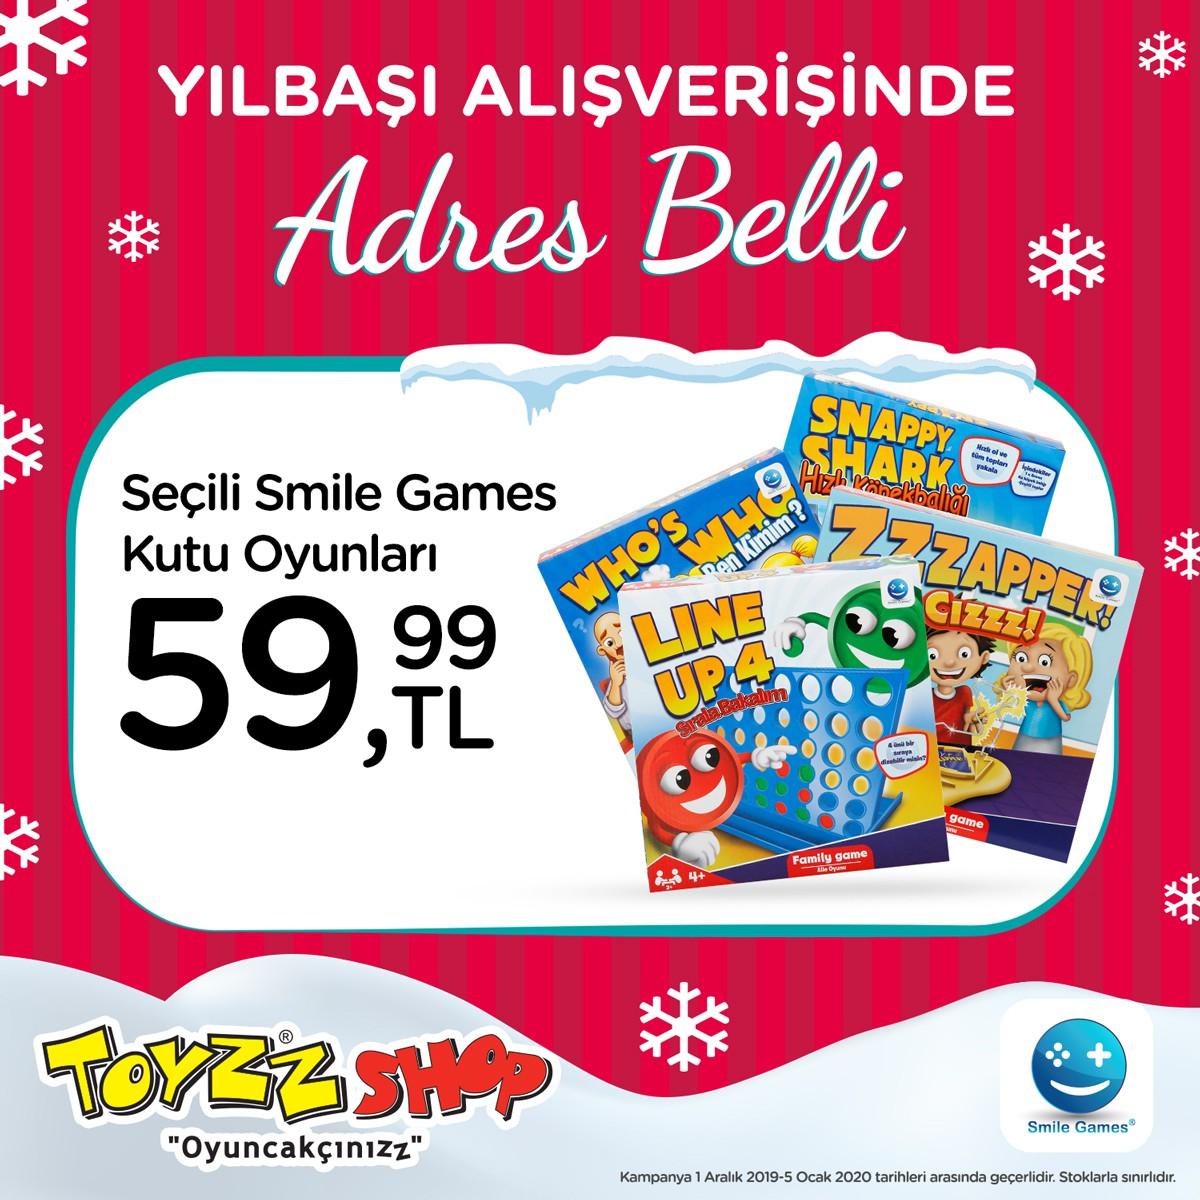 Yılbaşı Alışverişi Toyzz Shop'ta!